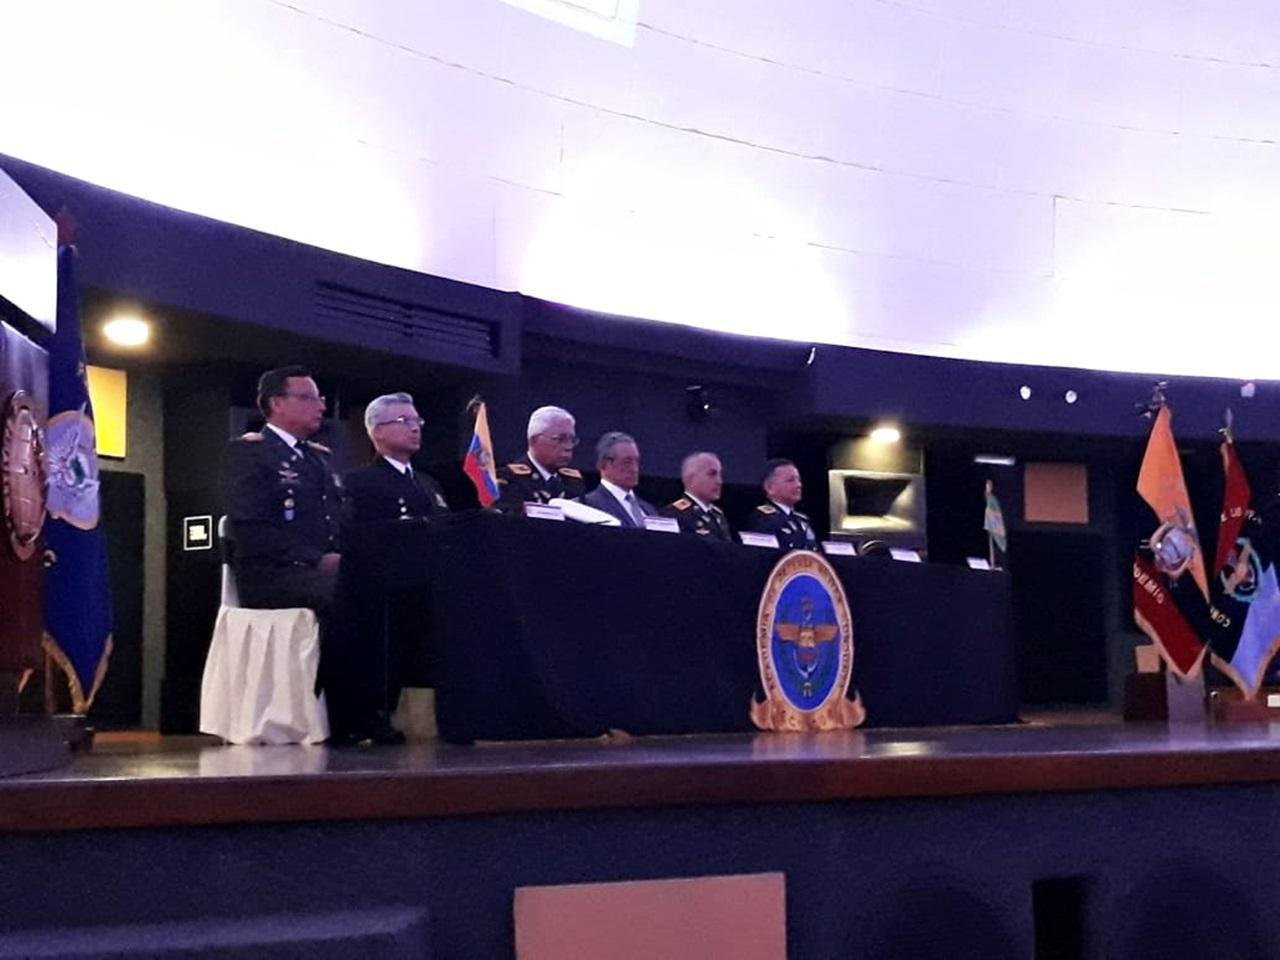 Academia de Defesa Militar Conjunta do Equador realiza cerimônia de diplomação